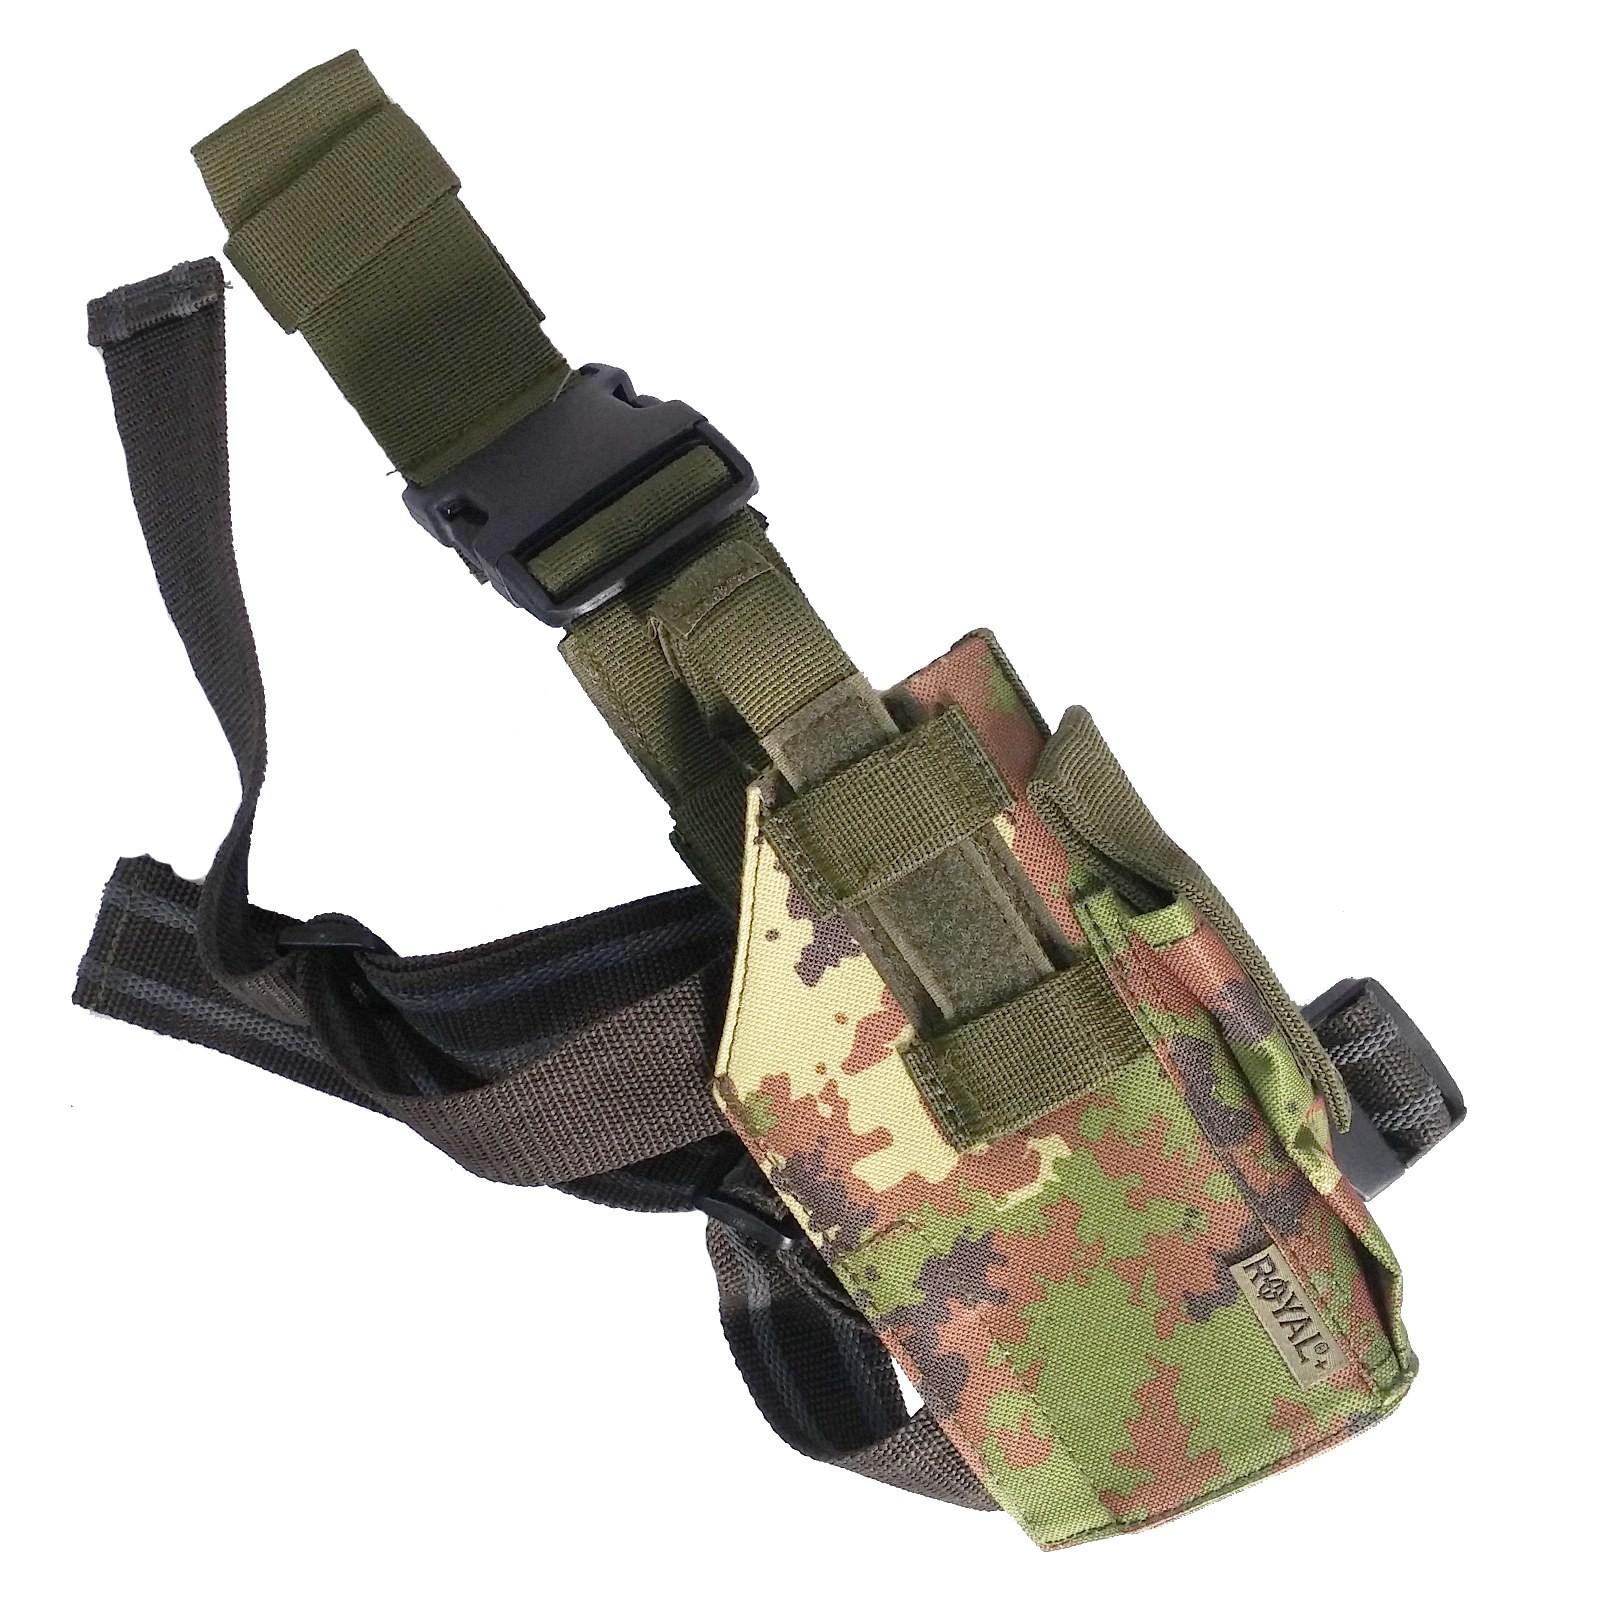 Fondina Cosciale in Cordura Vegetata Militare Pistola Universale Desert Eagle